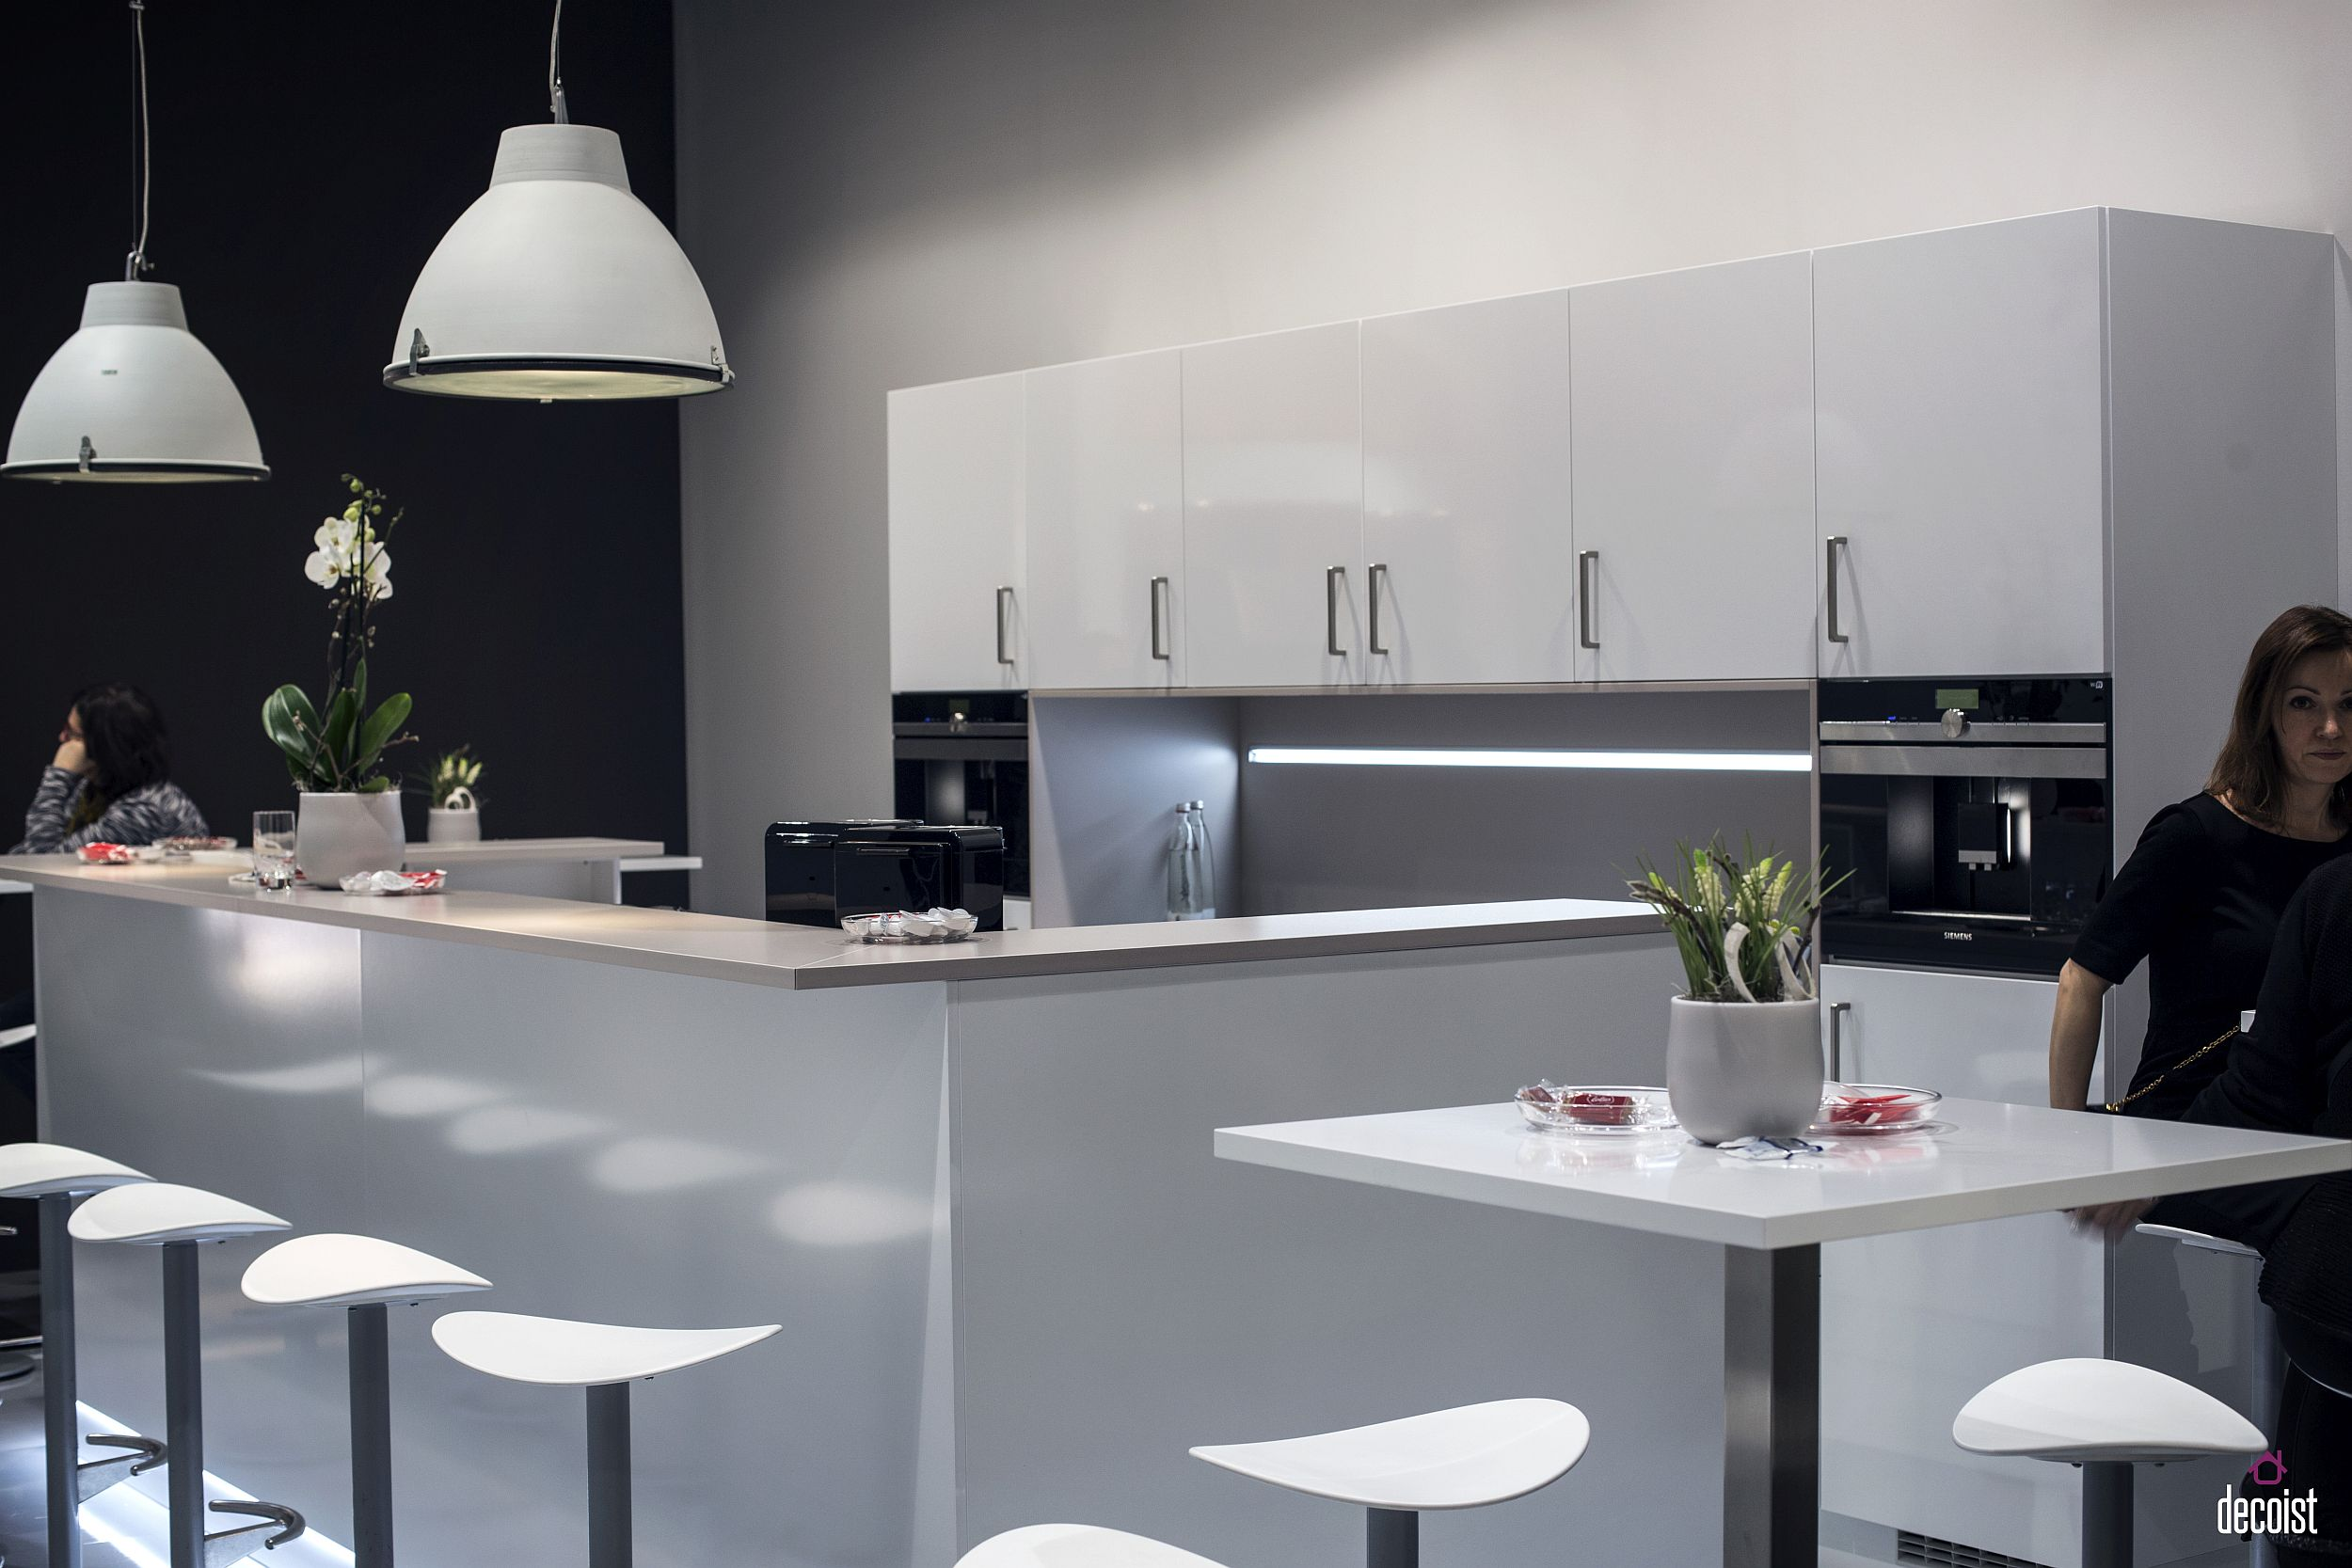 Bar Counter Modern Design